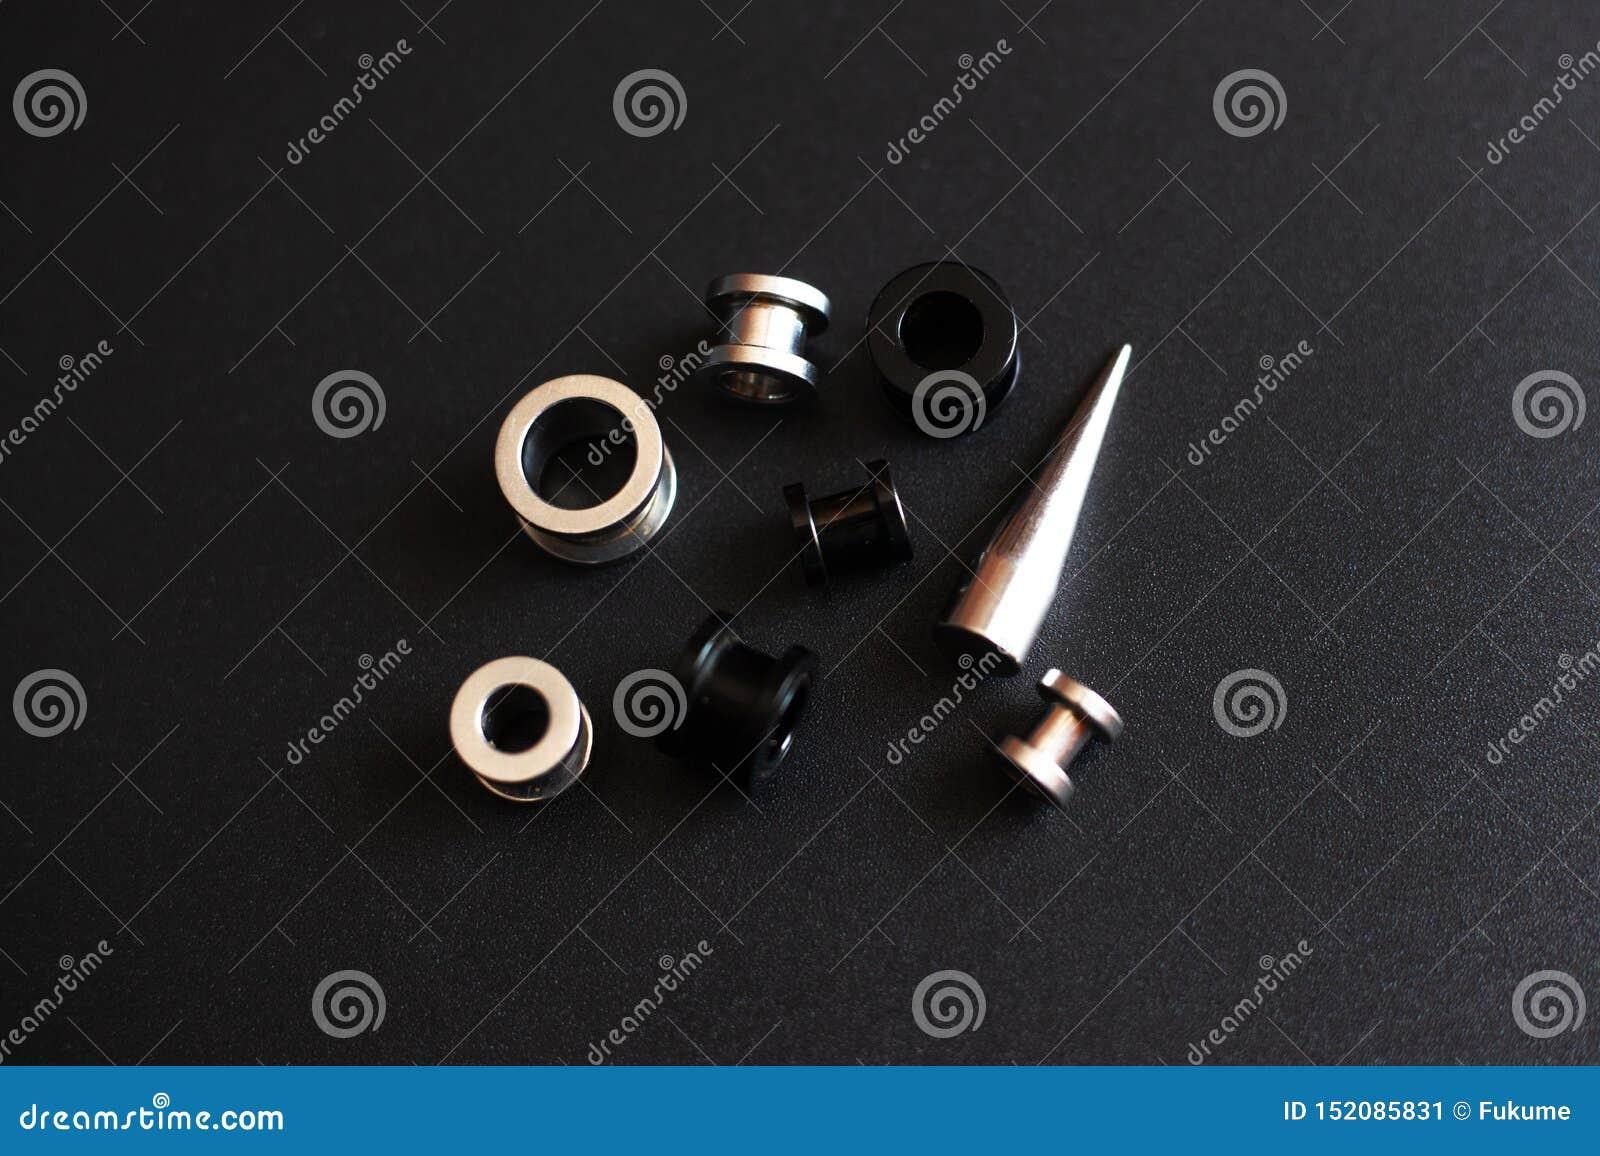 Accesorios de perforación en una joyería inoxidable del metal del fondo negro para los amantes de la puntura